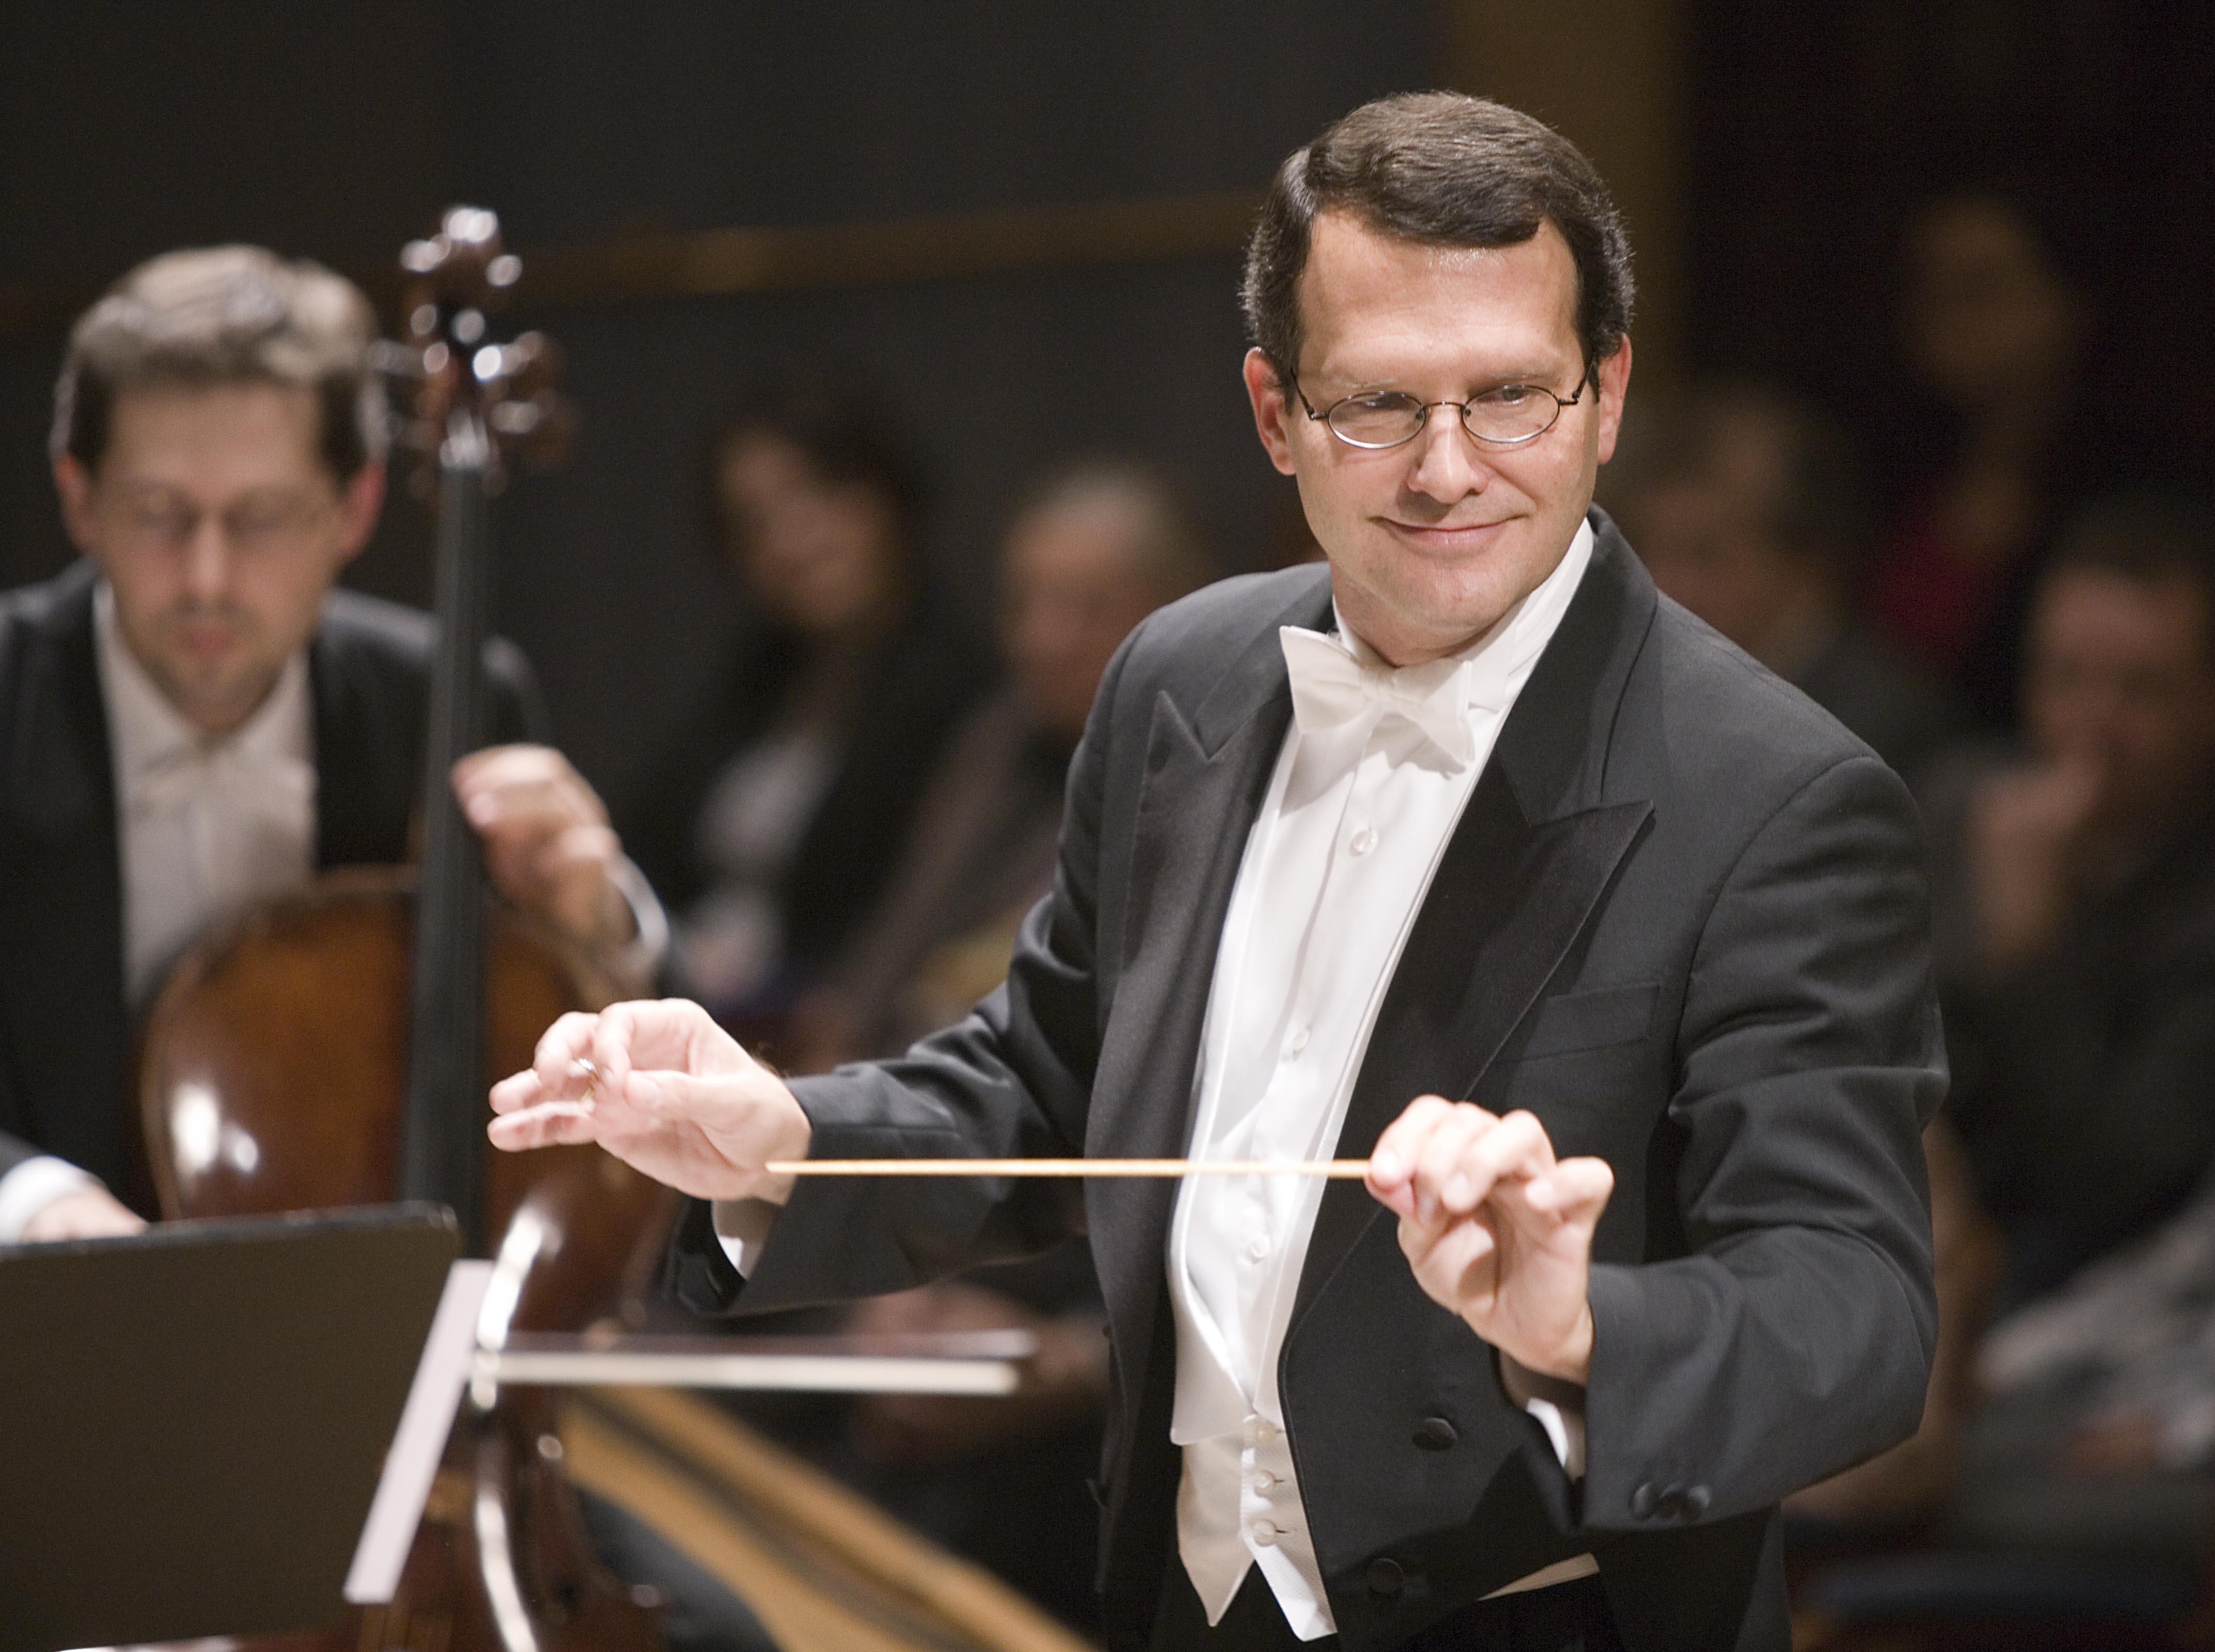 Martin Kerschbaum